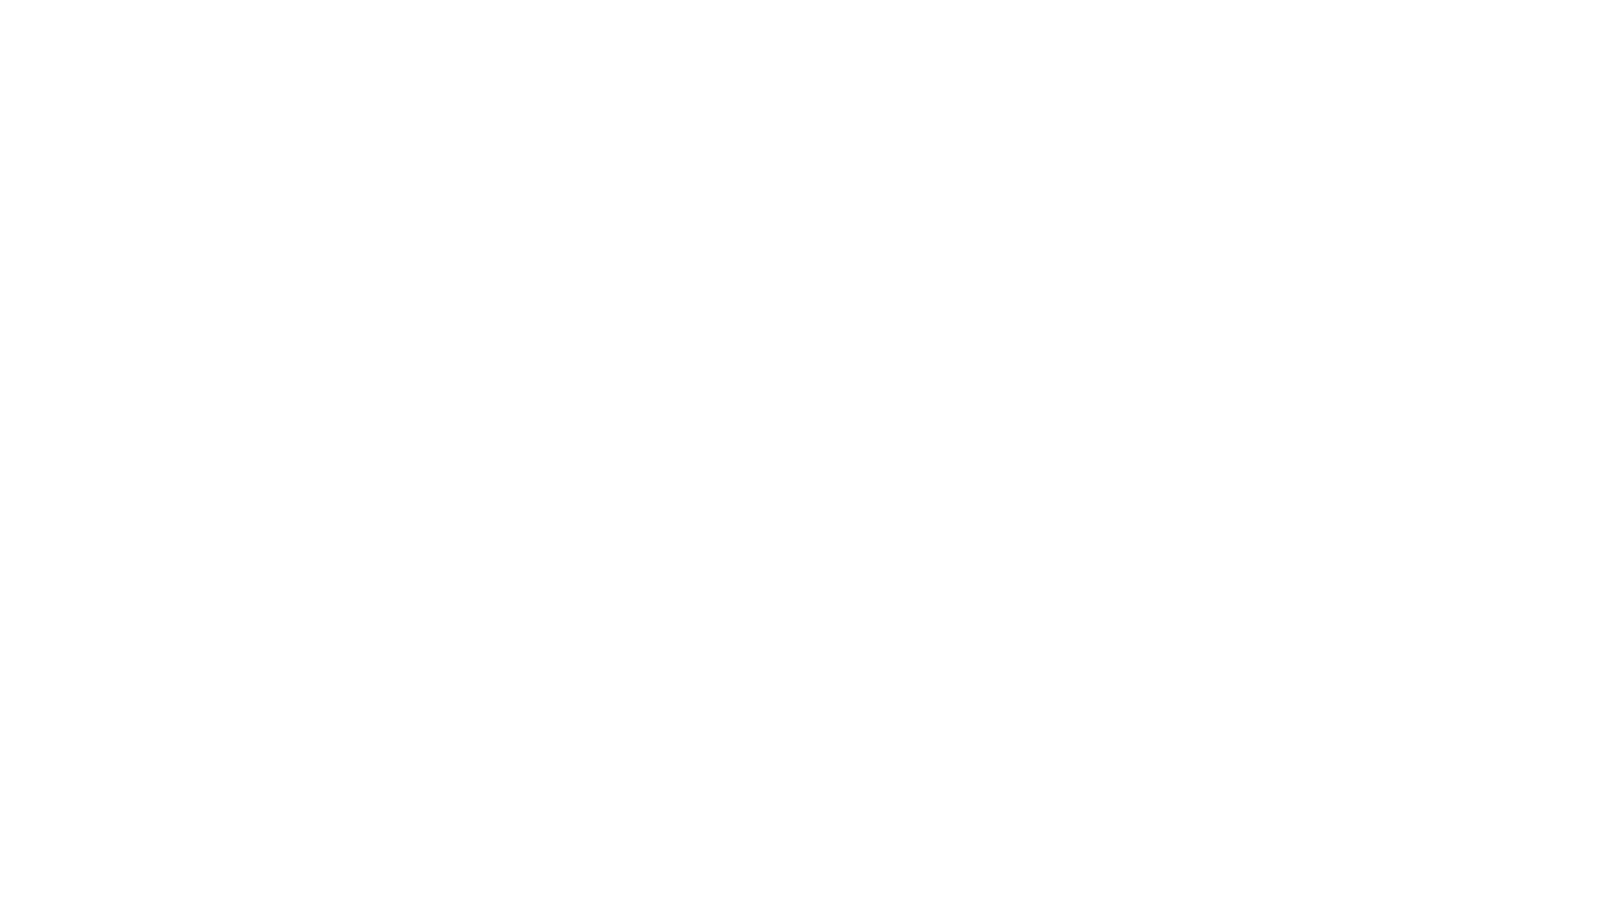 Imagefilm Produktion aus Hamburg. Wir produzieren Ihren Imagefilm individuell für Ihre Schule oder Unternehmen. Für die Produktion des Imagefilms nutzen wir professionelle Drohnen und Kameras.  Weitere Imformationen: www.drohne-vision.de/imagefilm-schule